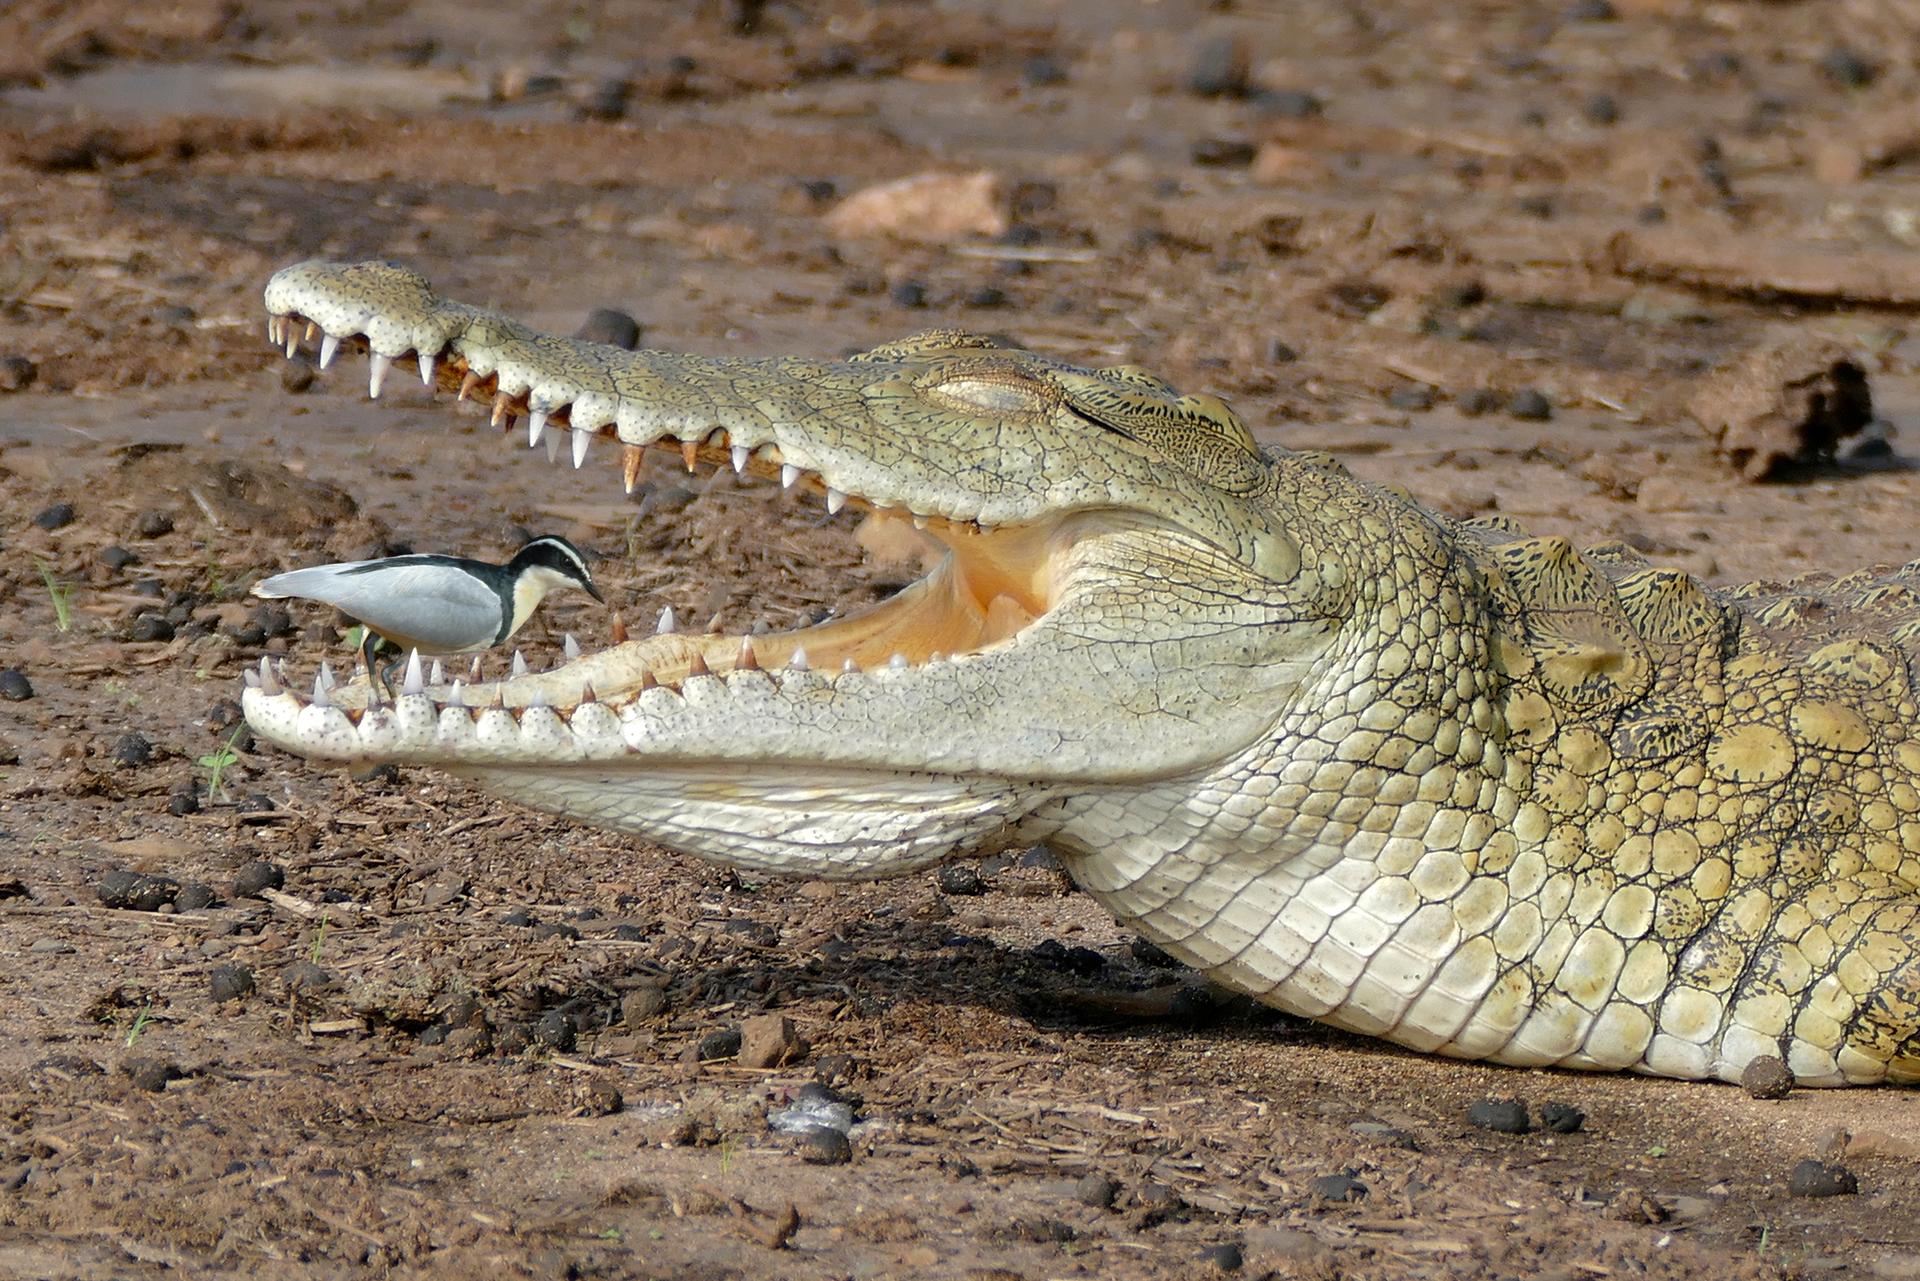 Fotografia prezdstawia krokodyla zwróconego bokiem. Krokodyl ma otwartą paszczę, Wpaszczy stoi mały ptak czyściciel.